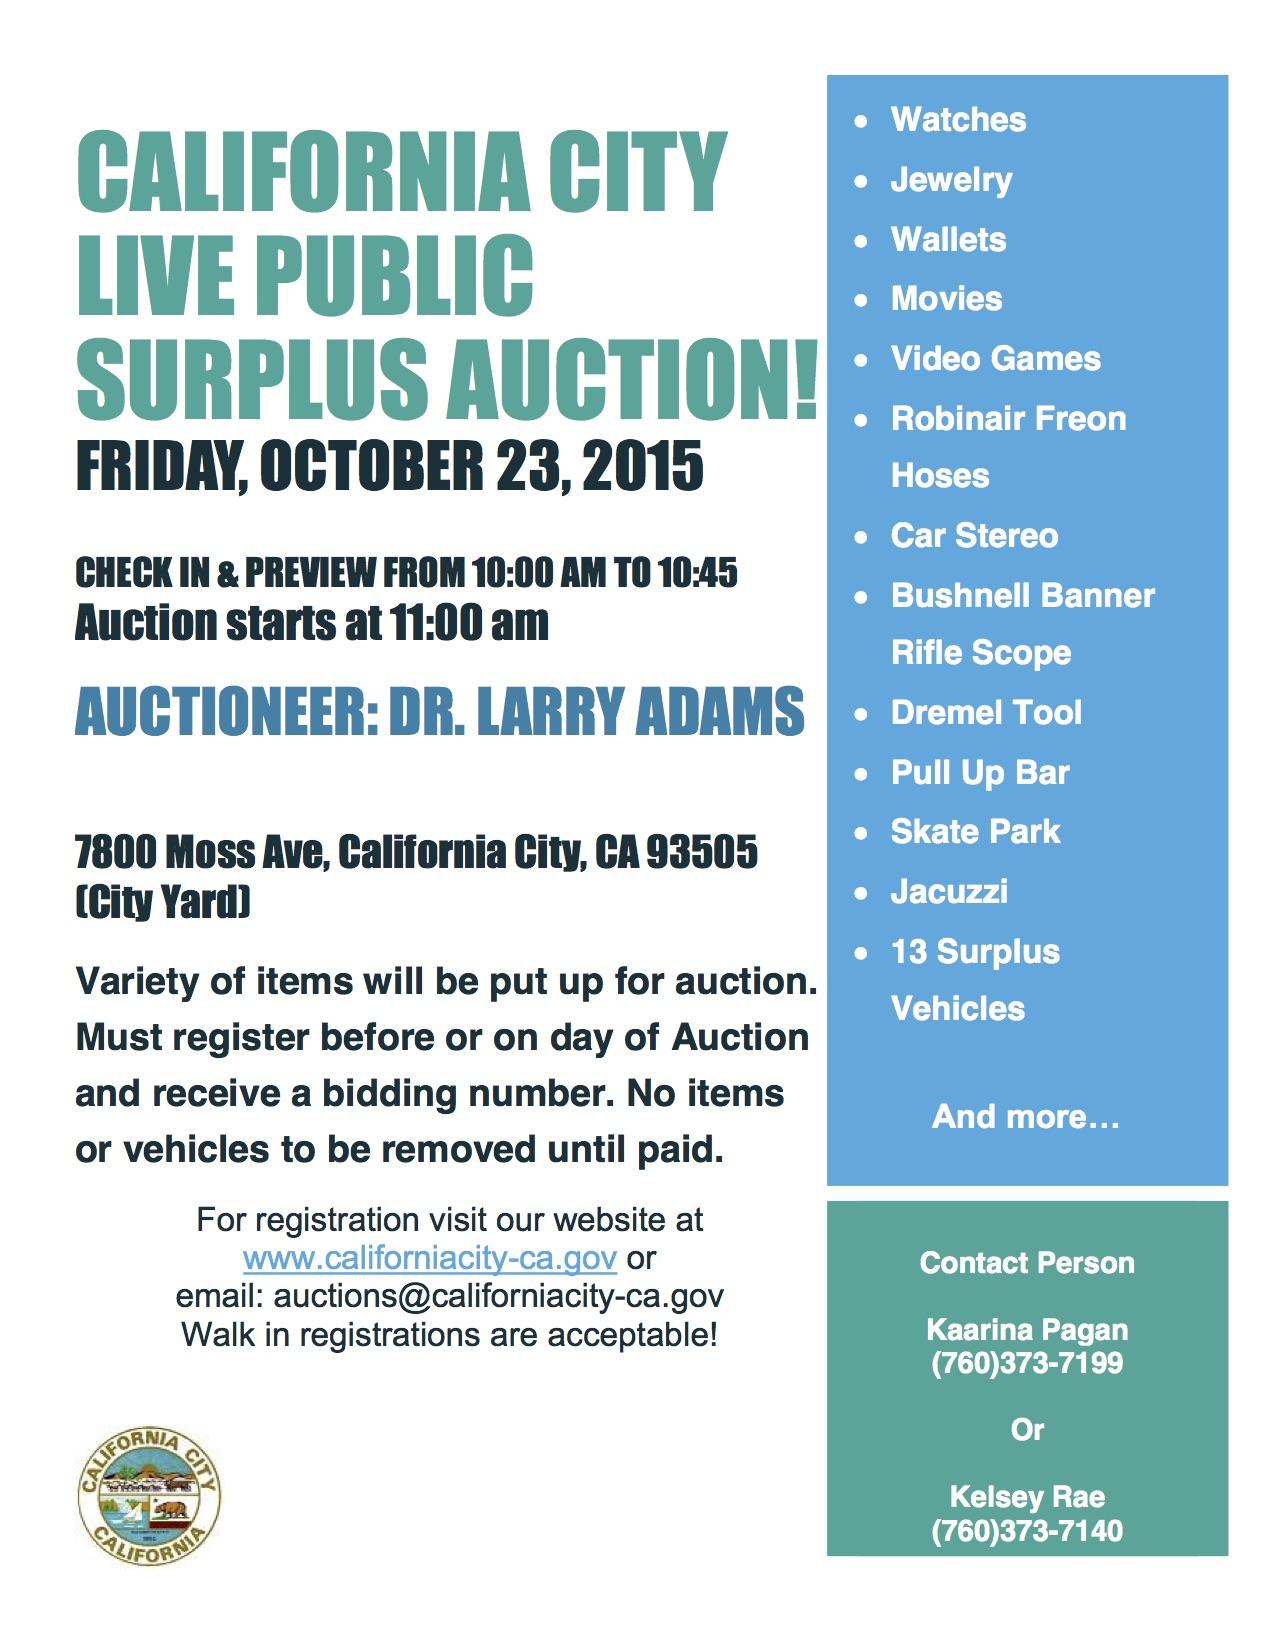 California City Live Public Surplus Auction!